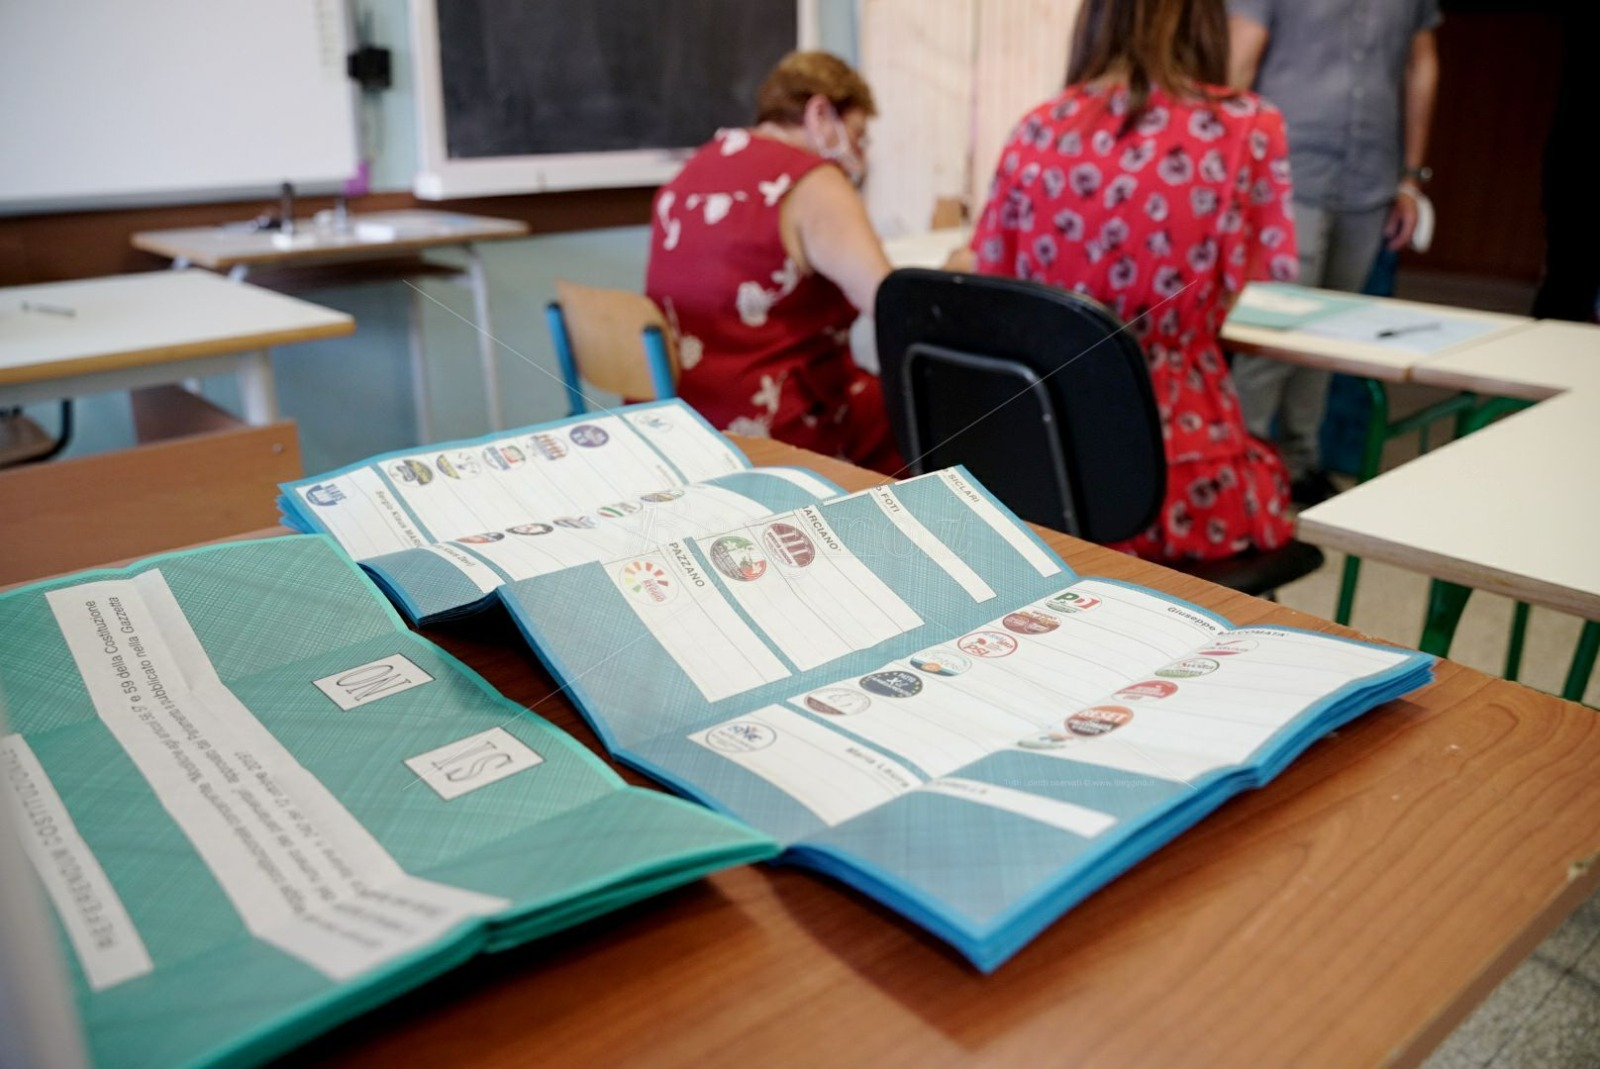 Elezioni comunali Reggio Calabria, alle 23 affluenza al 49,47%. I dati del Ministero dell'Interno